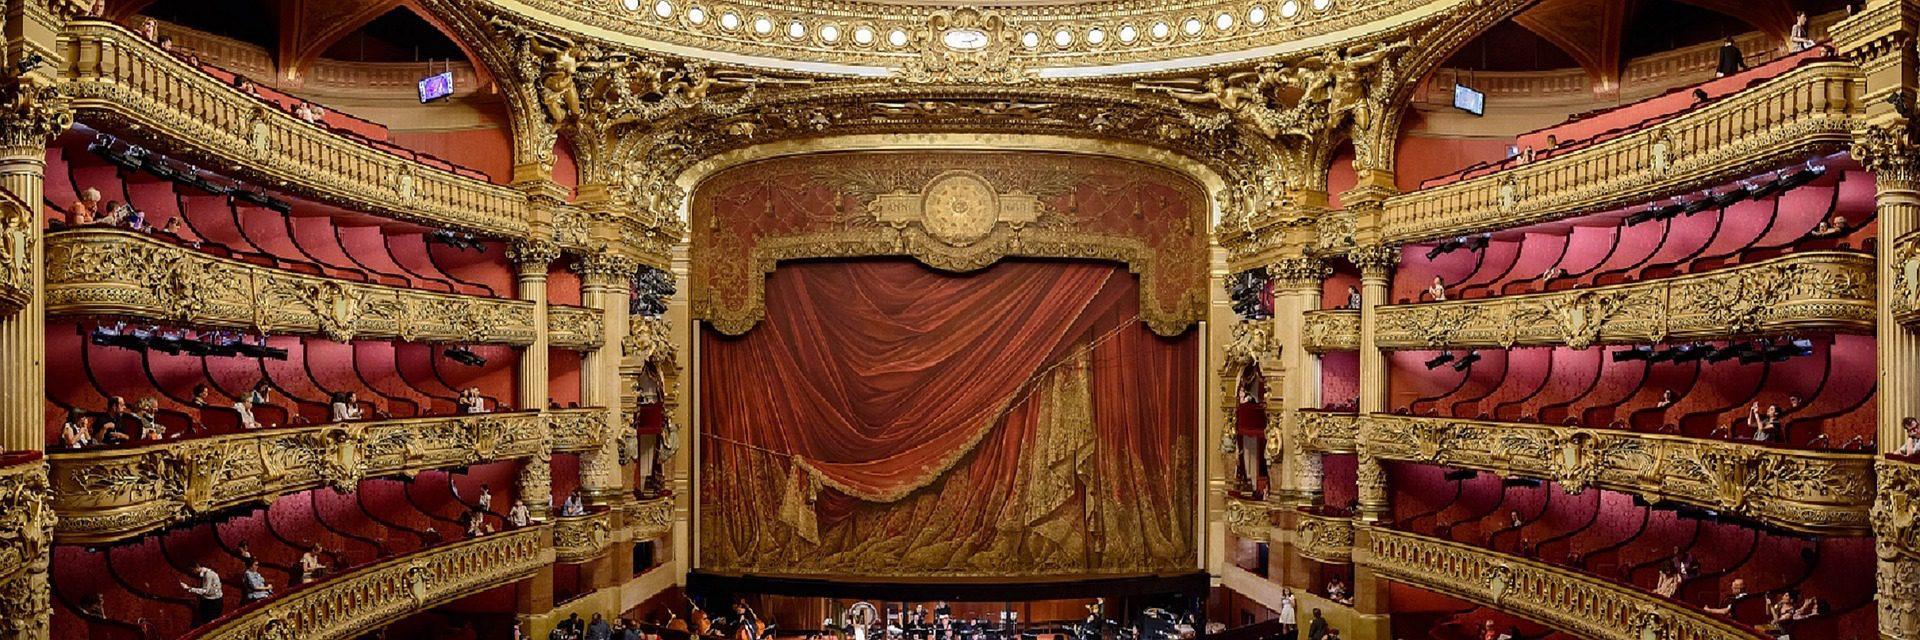 Opéra Palais Garnier Paris